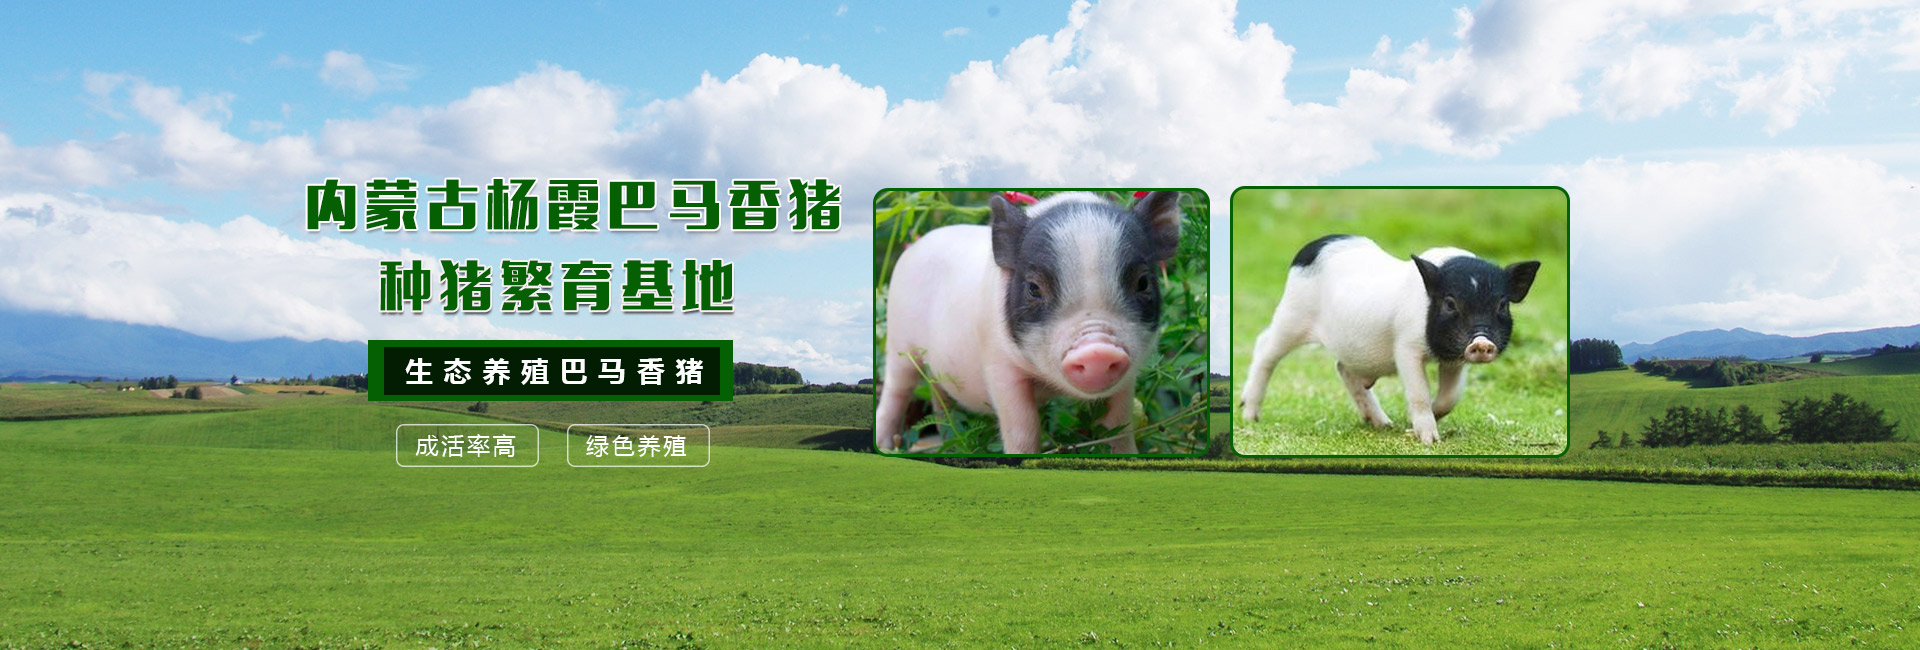 纯种巴马香猪